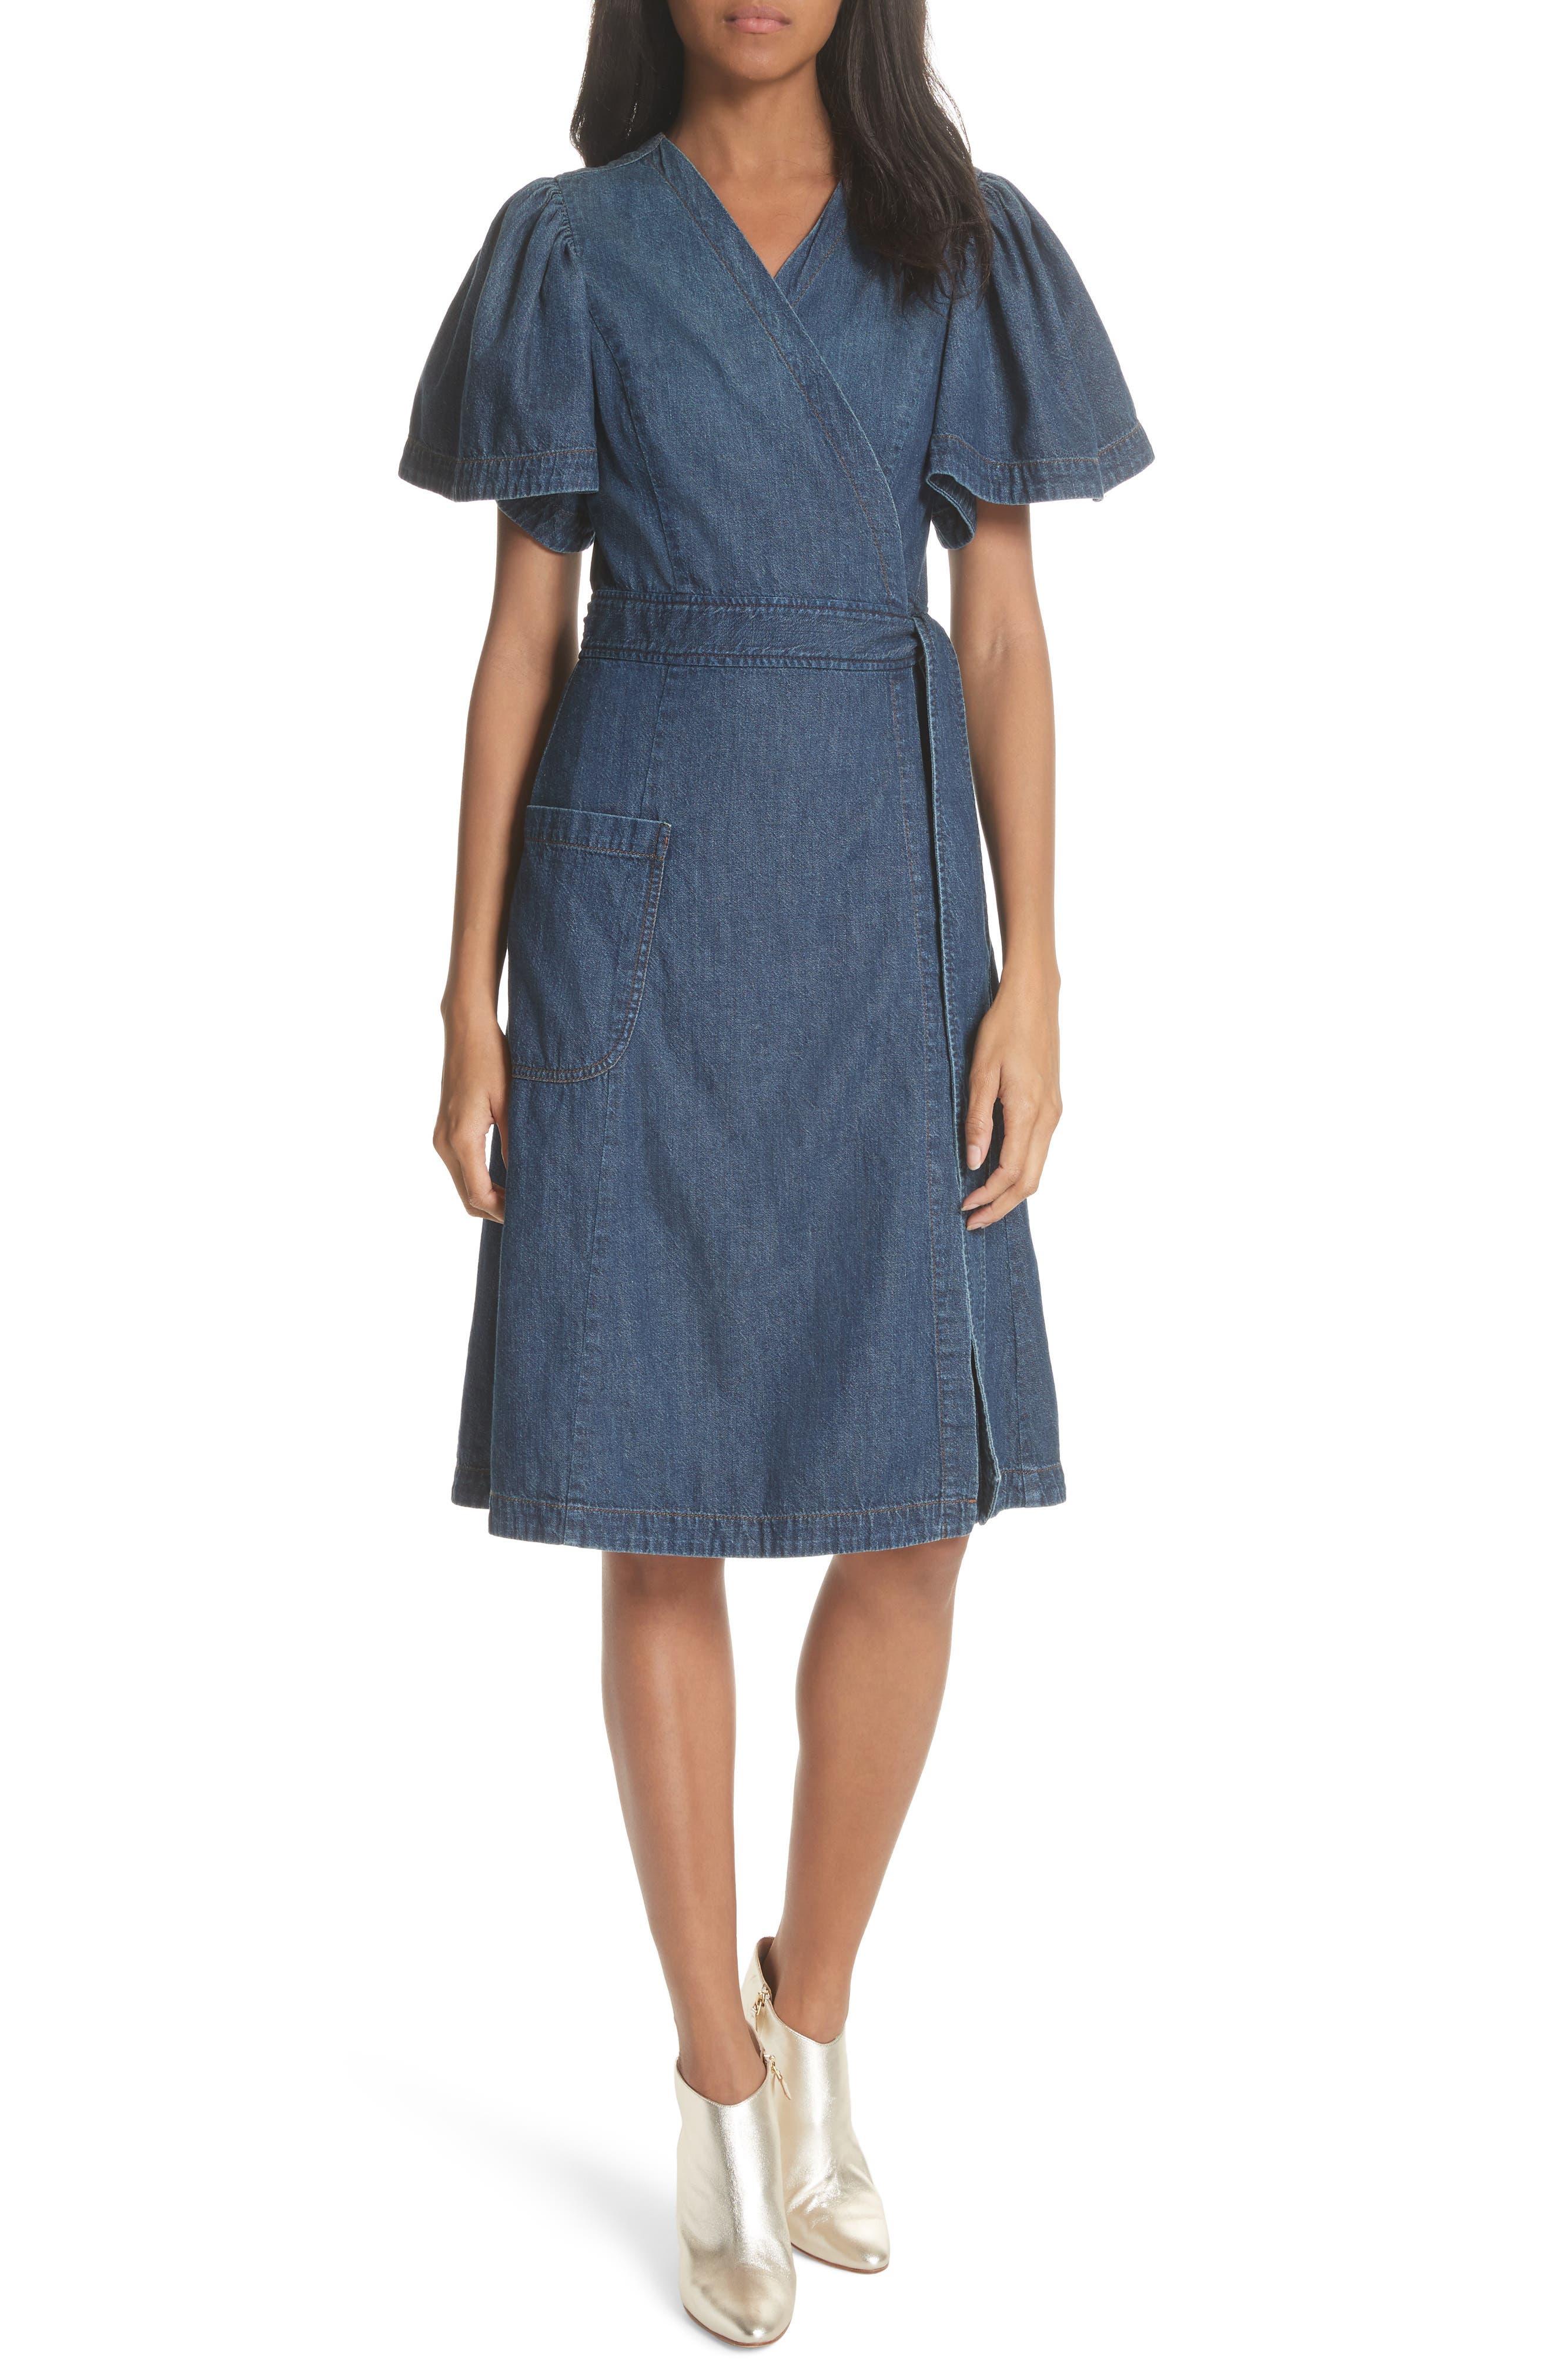 La Vie Rebecca Taylor Denim Wrap Dress